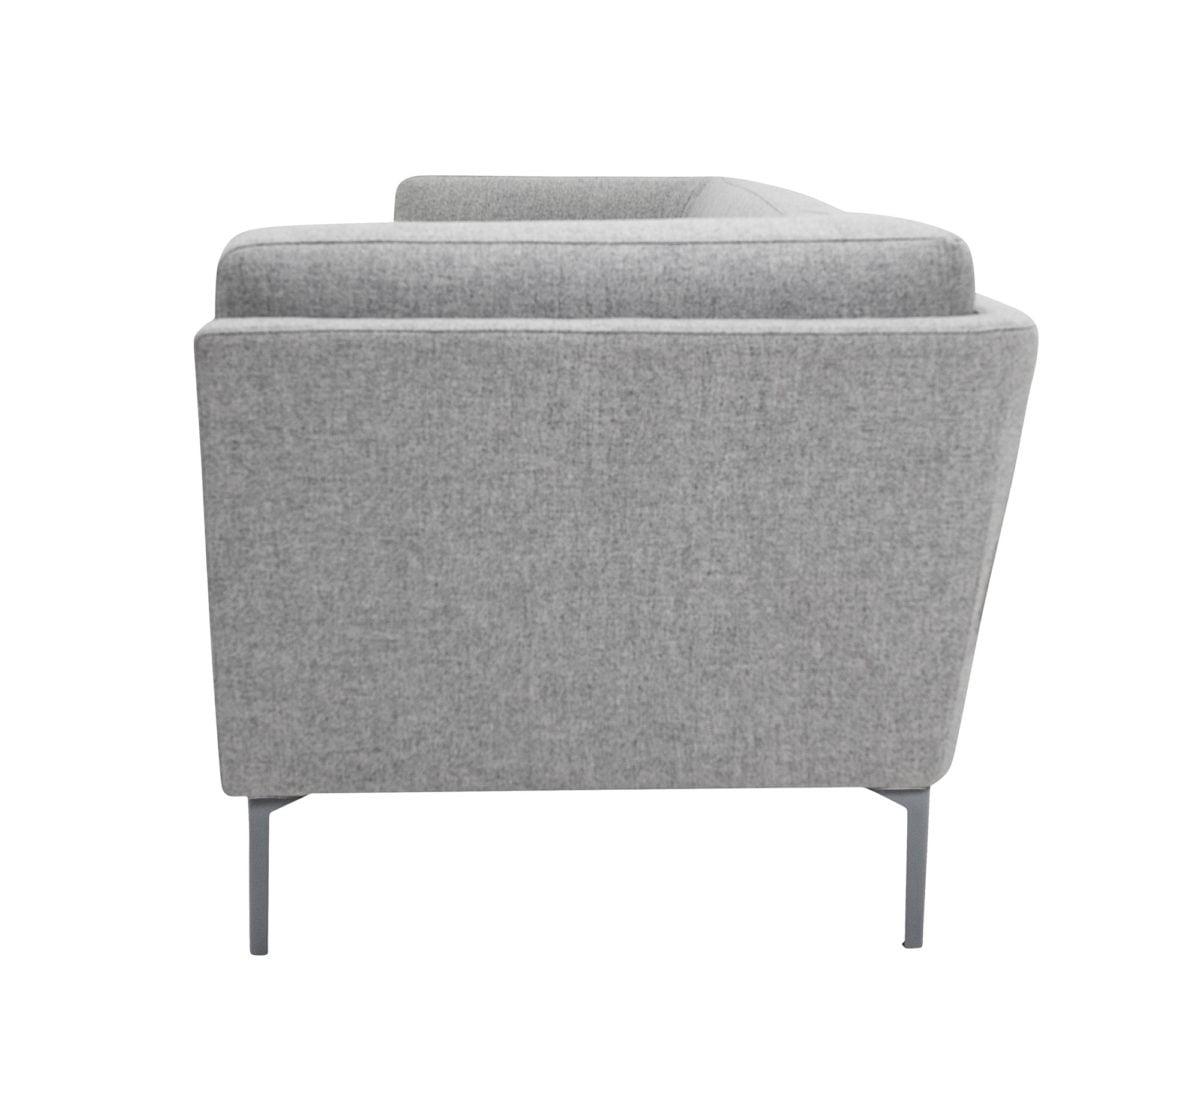 Pilka Rox sofa | Bloomingville